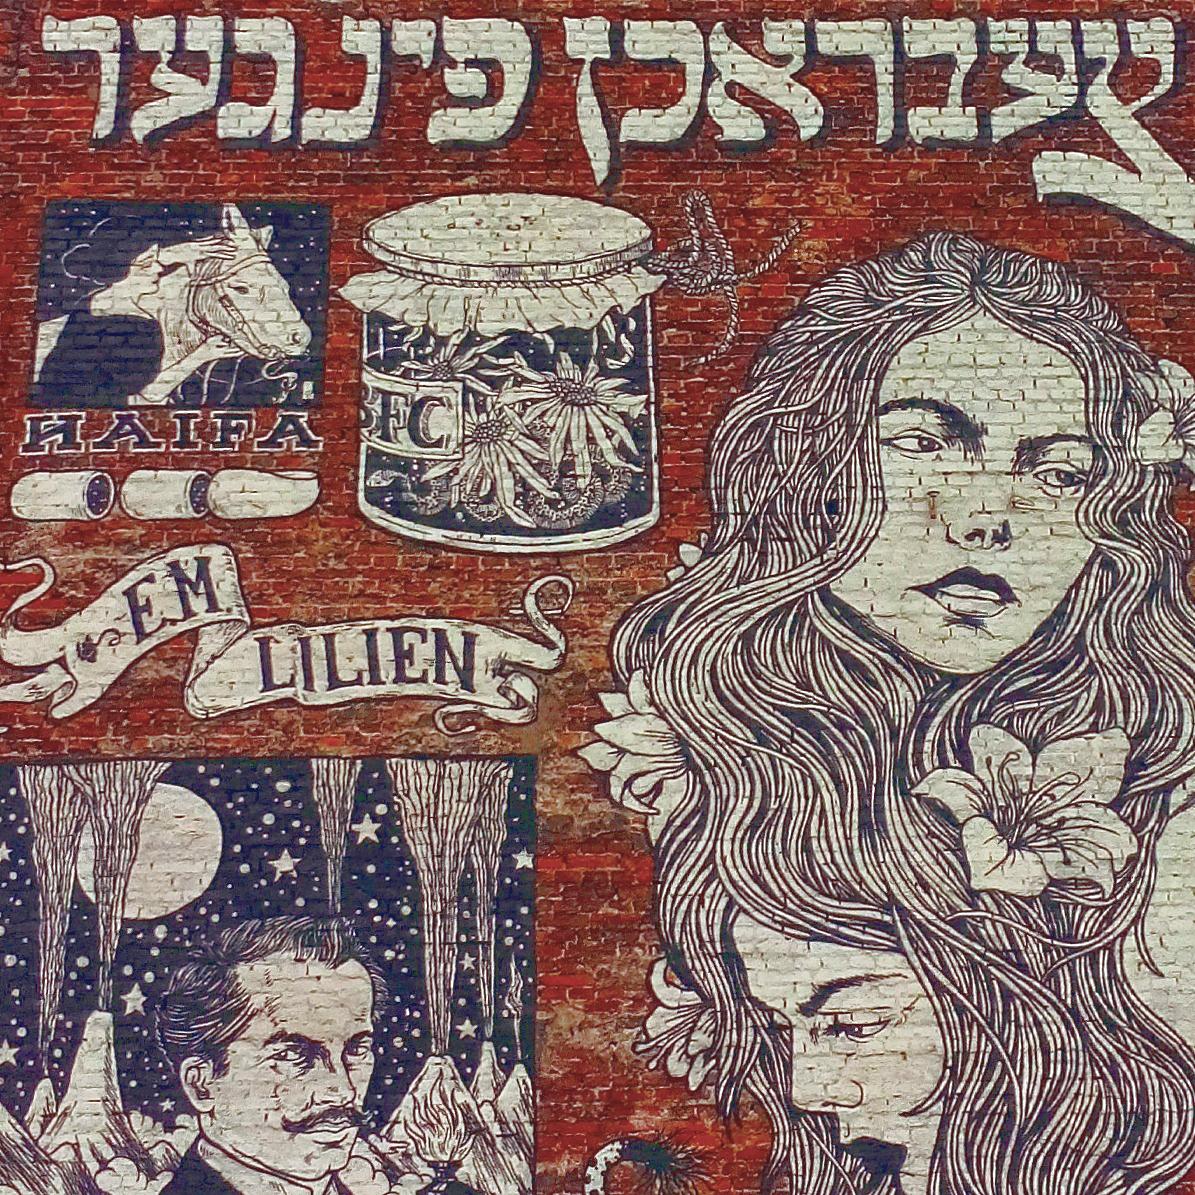 Lilien Mural, Krakow, Poland